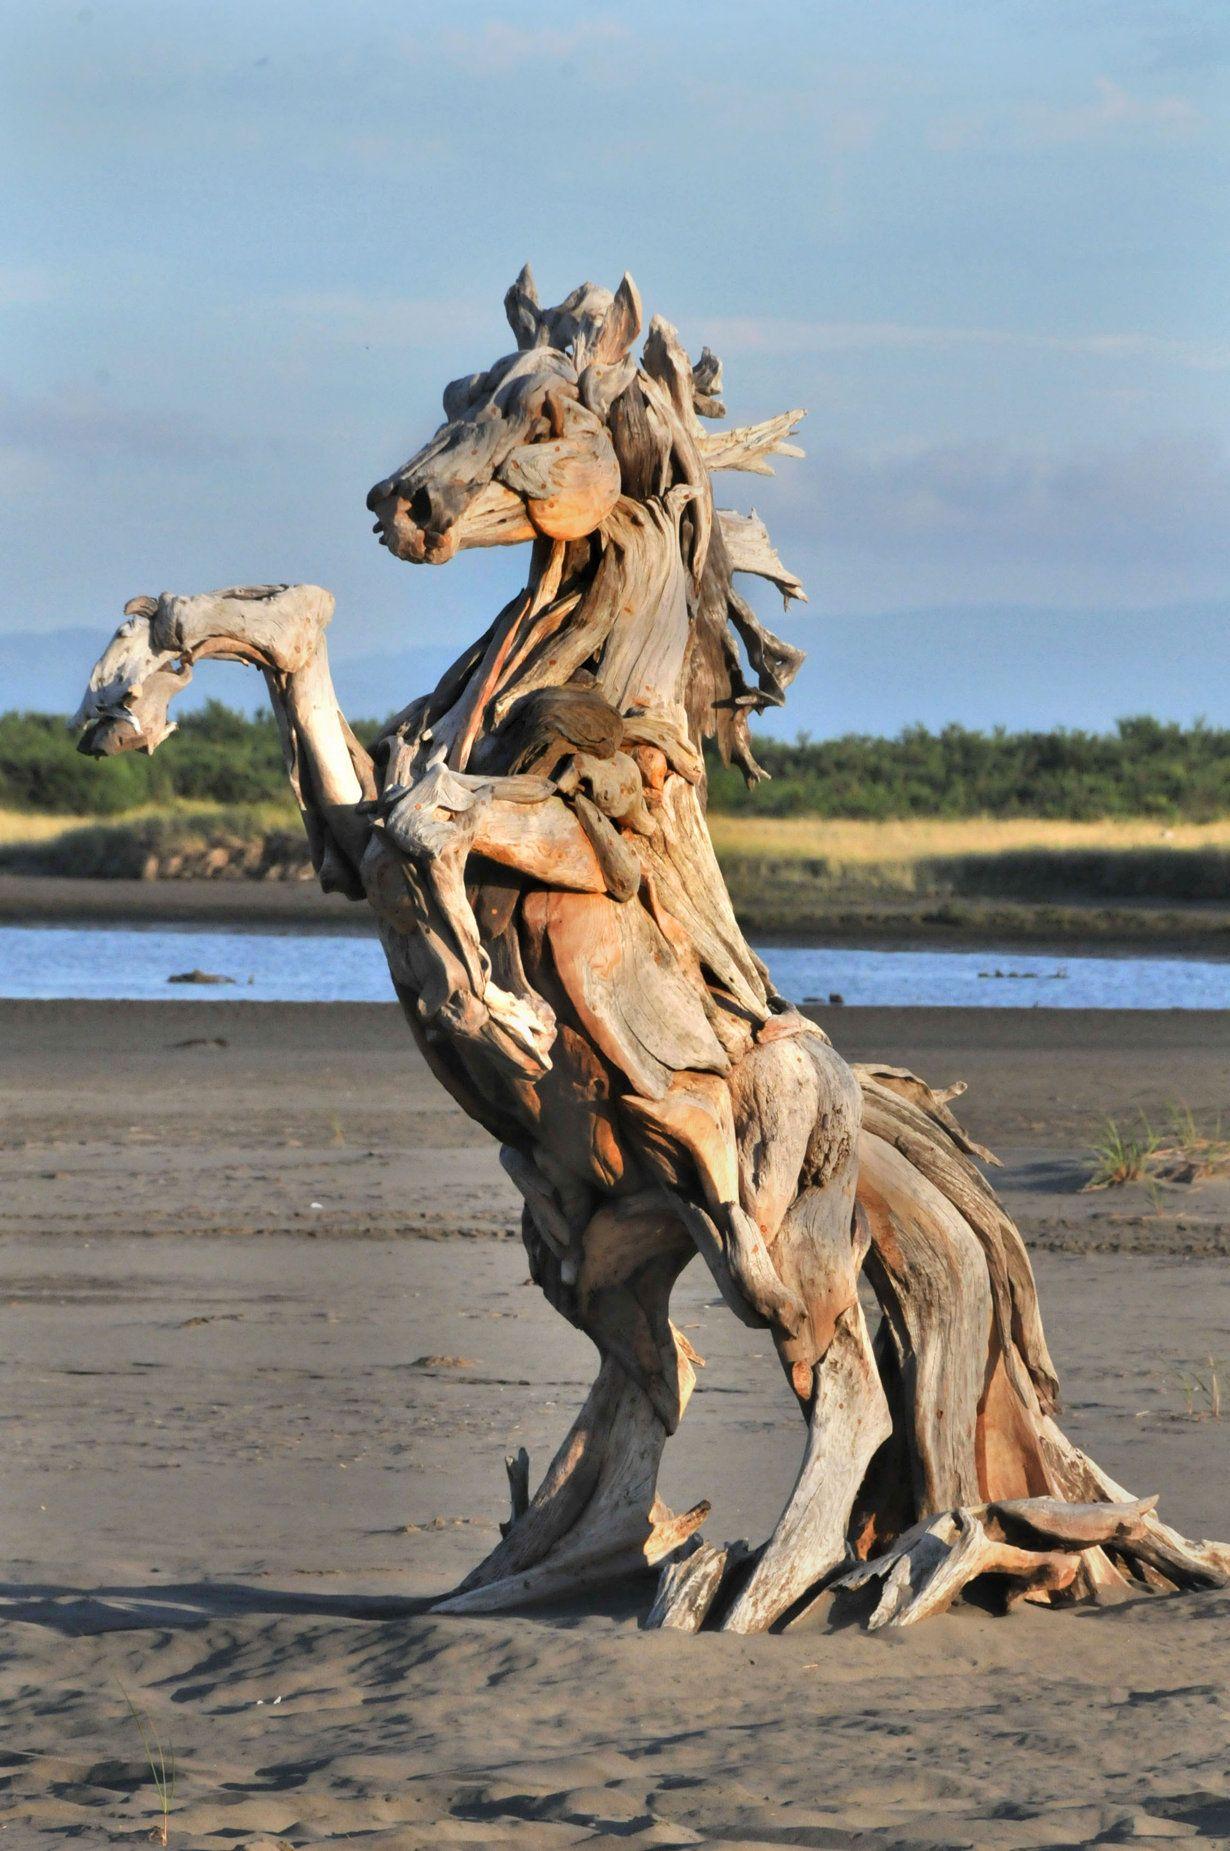 Amazing Driftwood Sculpture Horse Sculpture Driftwood Sculpture Amazing Art